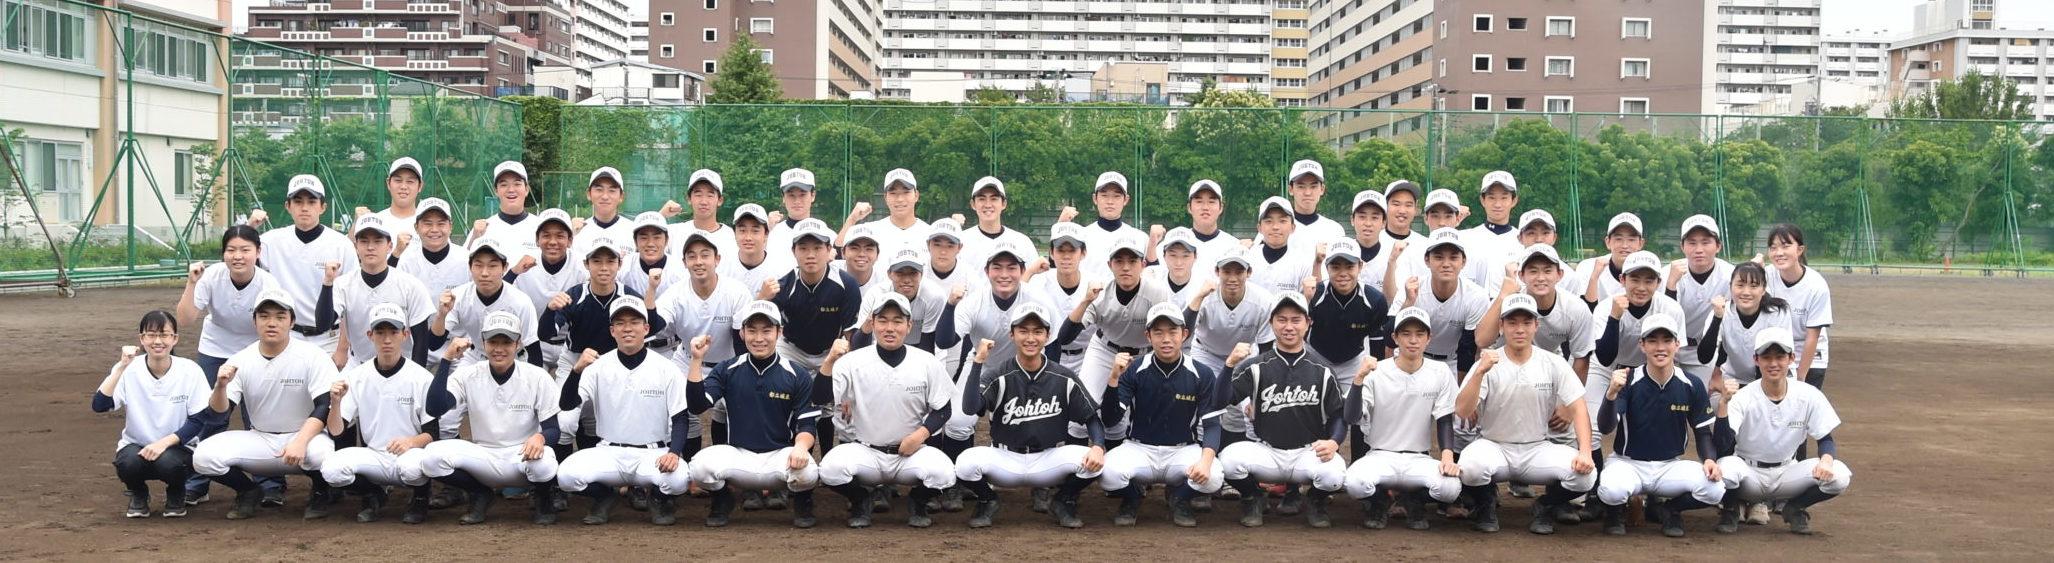 【城東 野球部】甲子園を目指した選手たちの「甲子園なき夏」